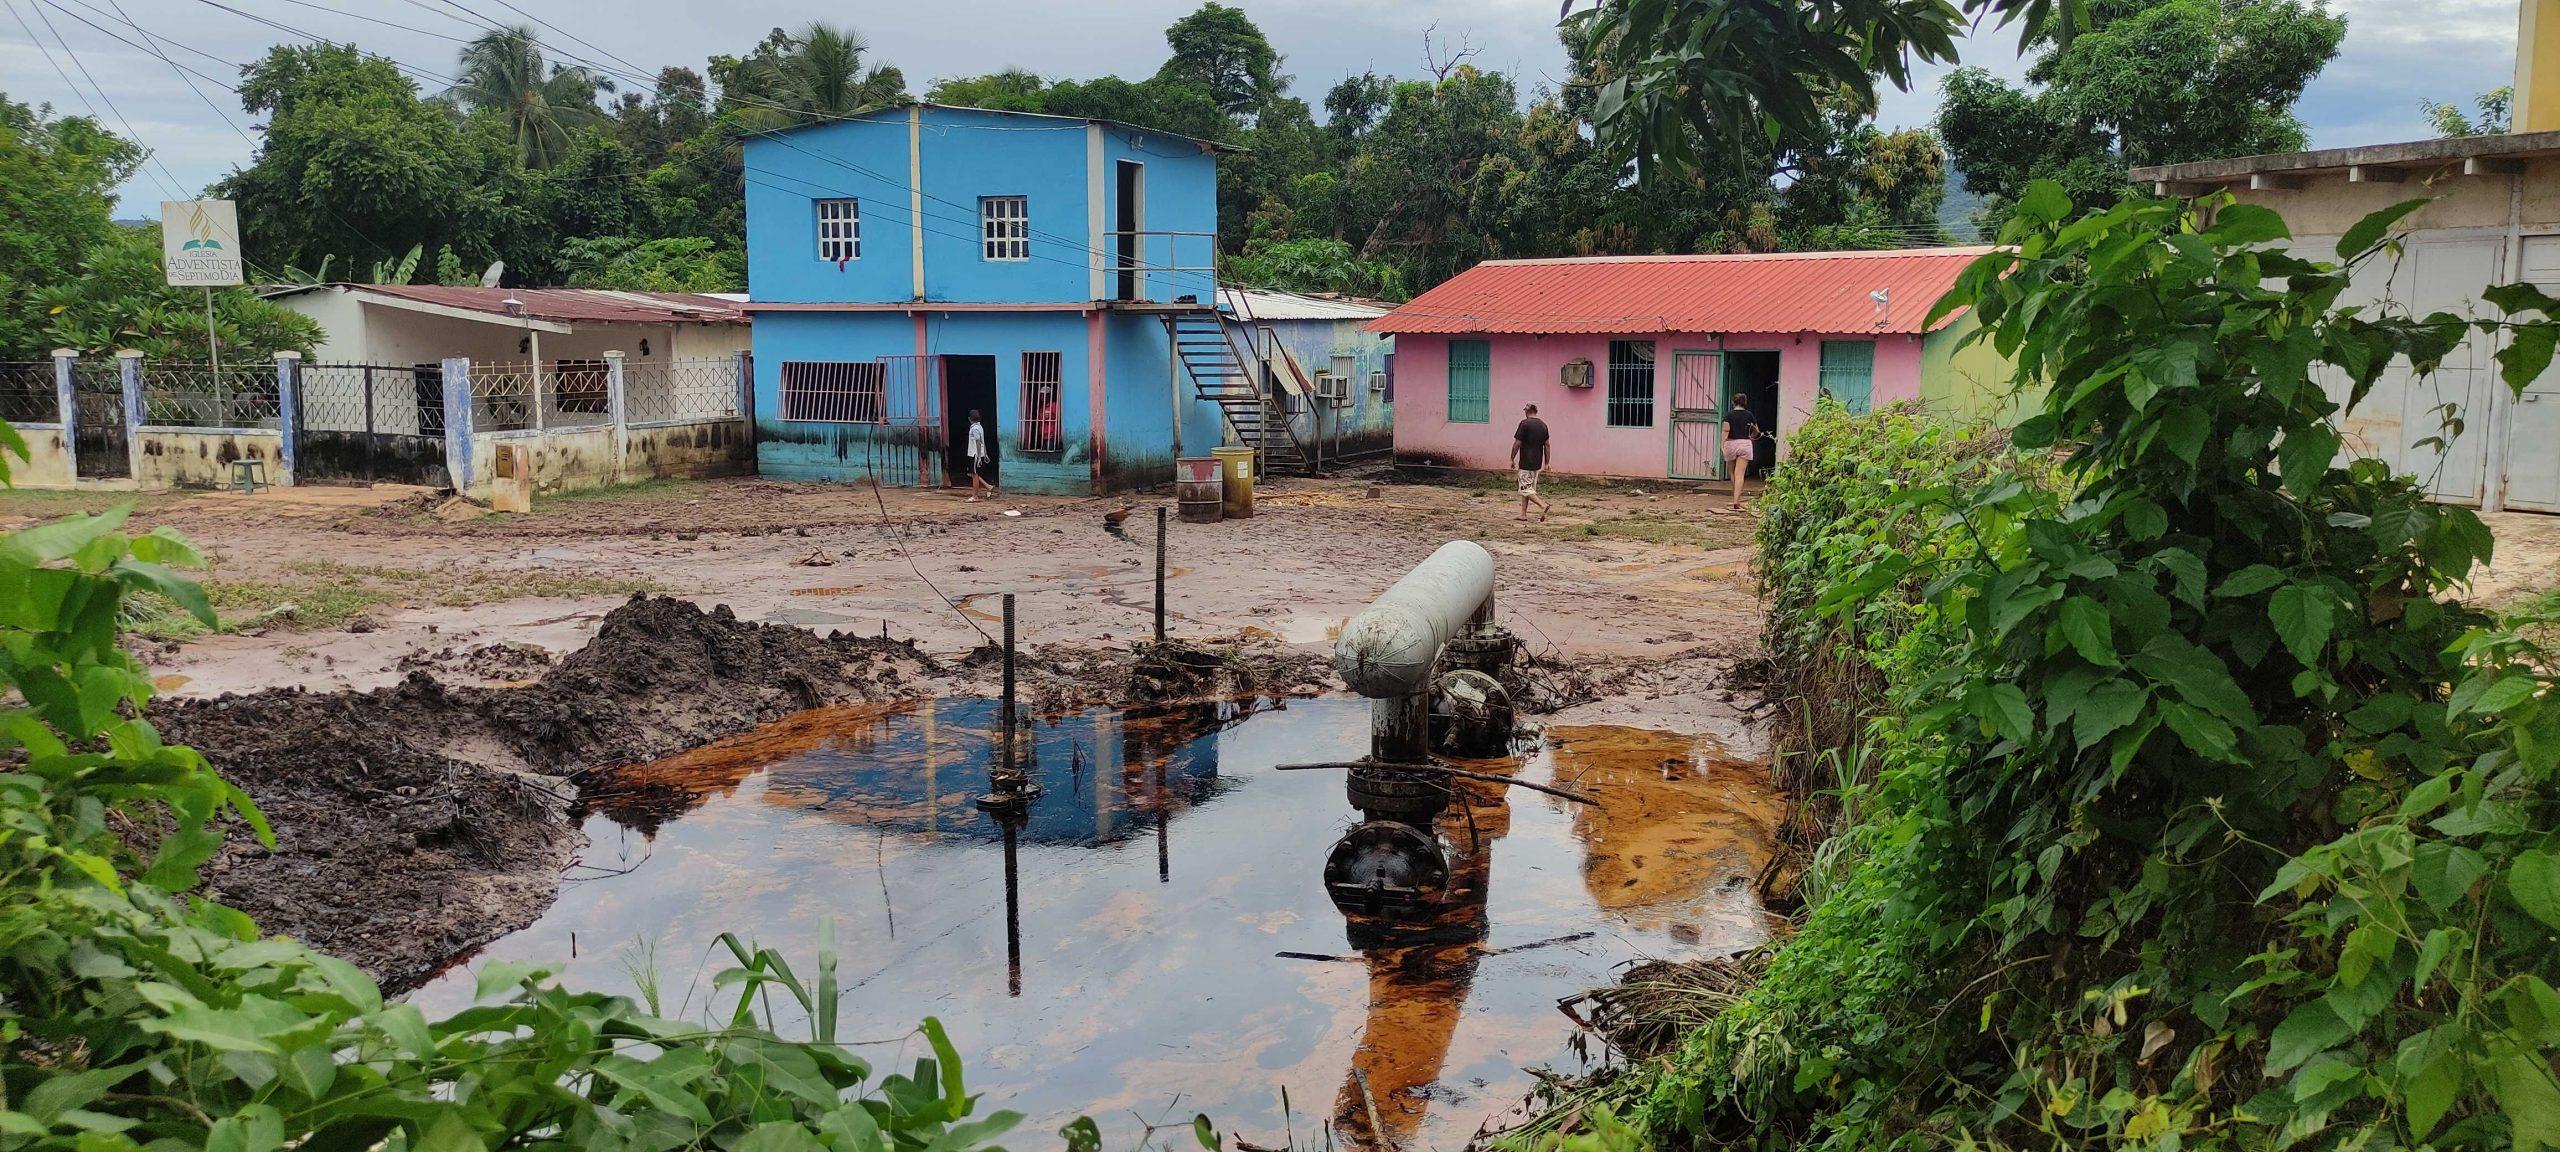 Inundaciones, derrames de petróleo y damnificados dejaron las lluvias en el oriente de Venezuela